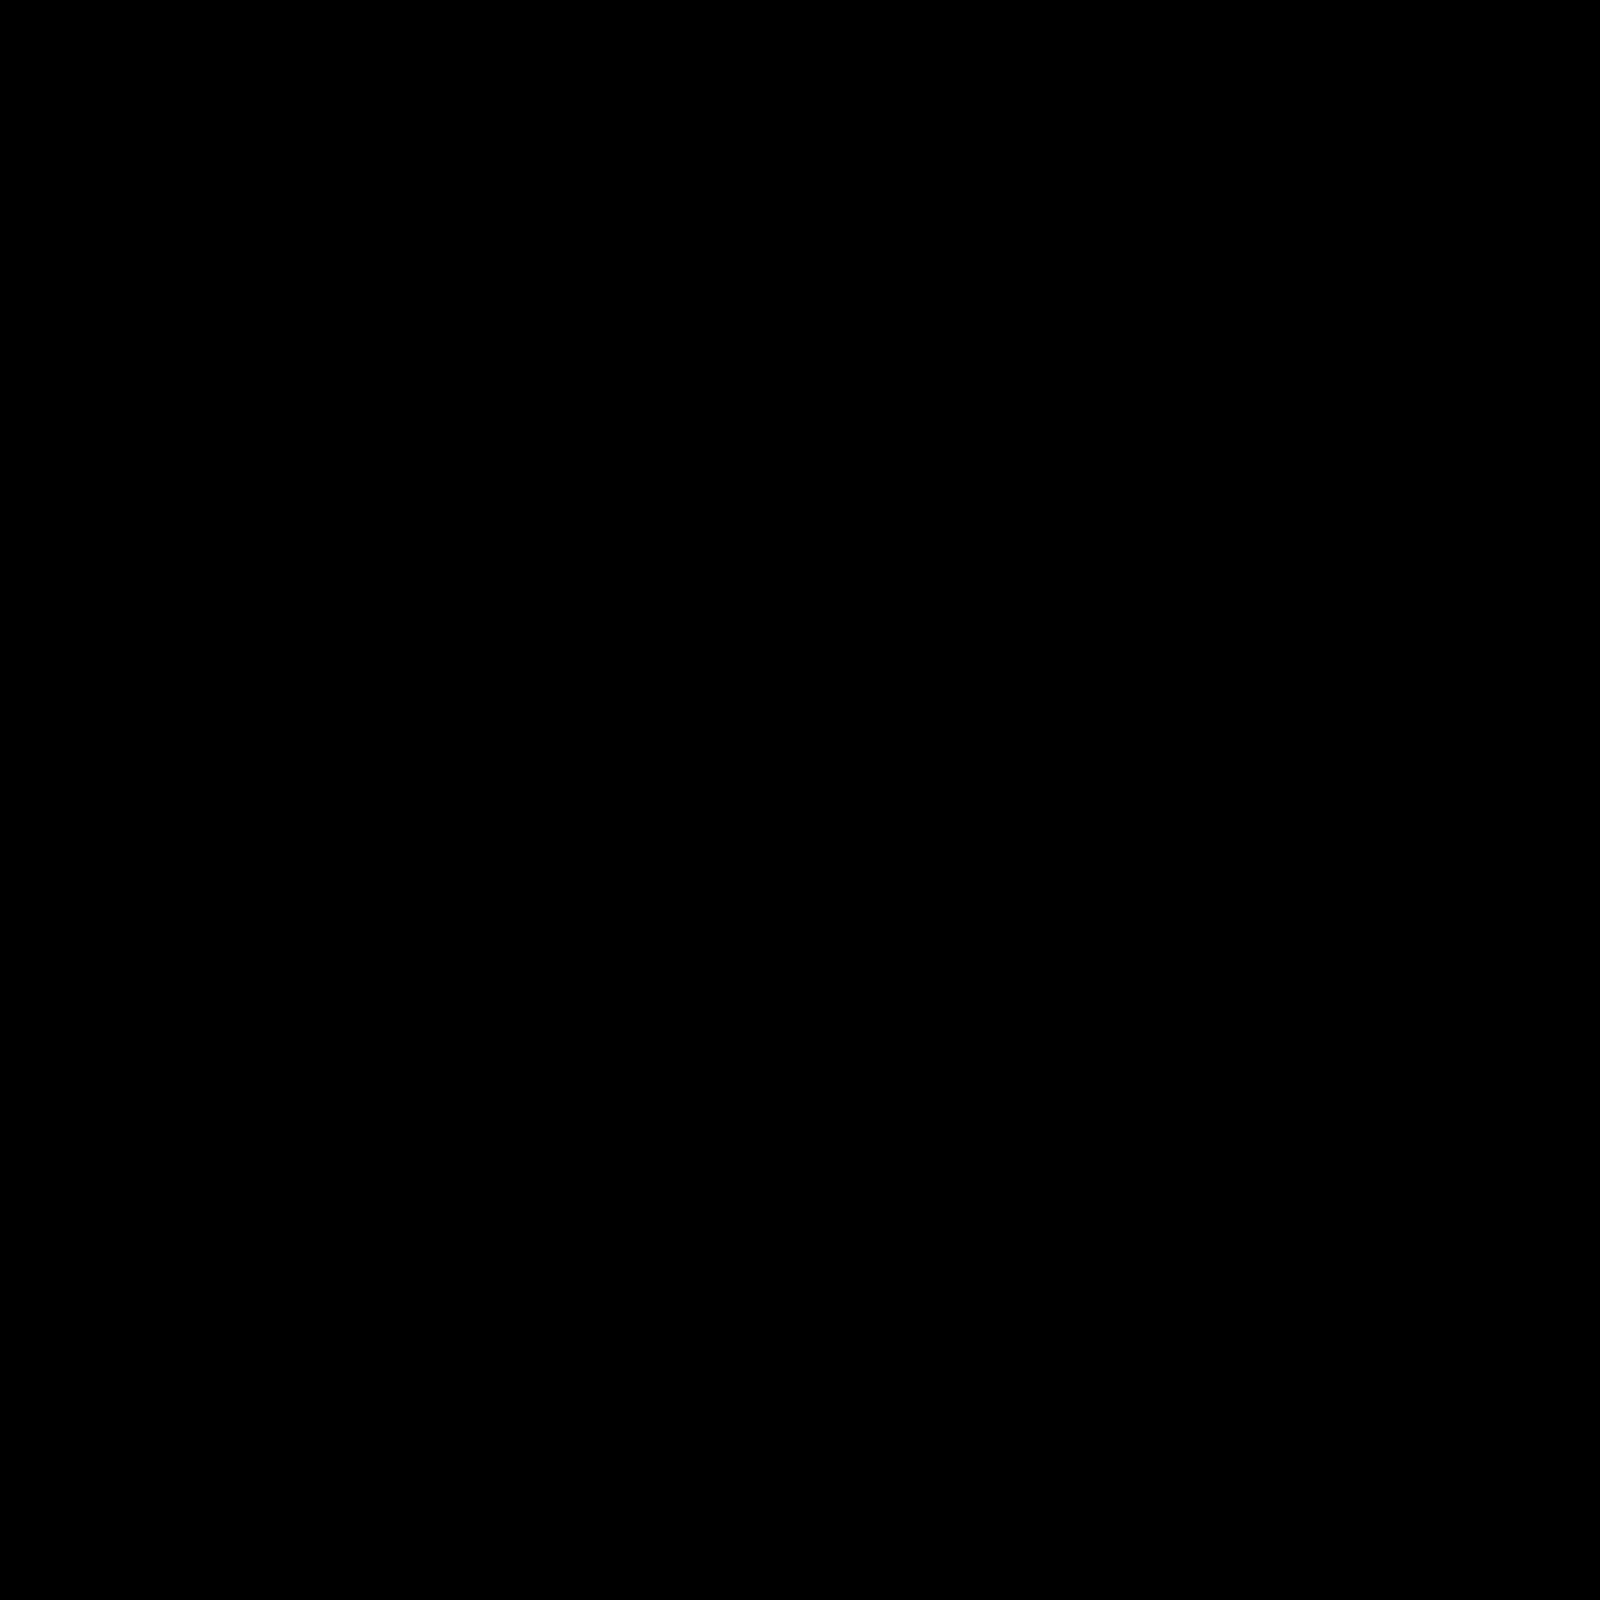 Эскиз совы в трайбл стиле